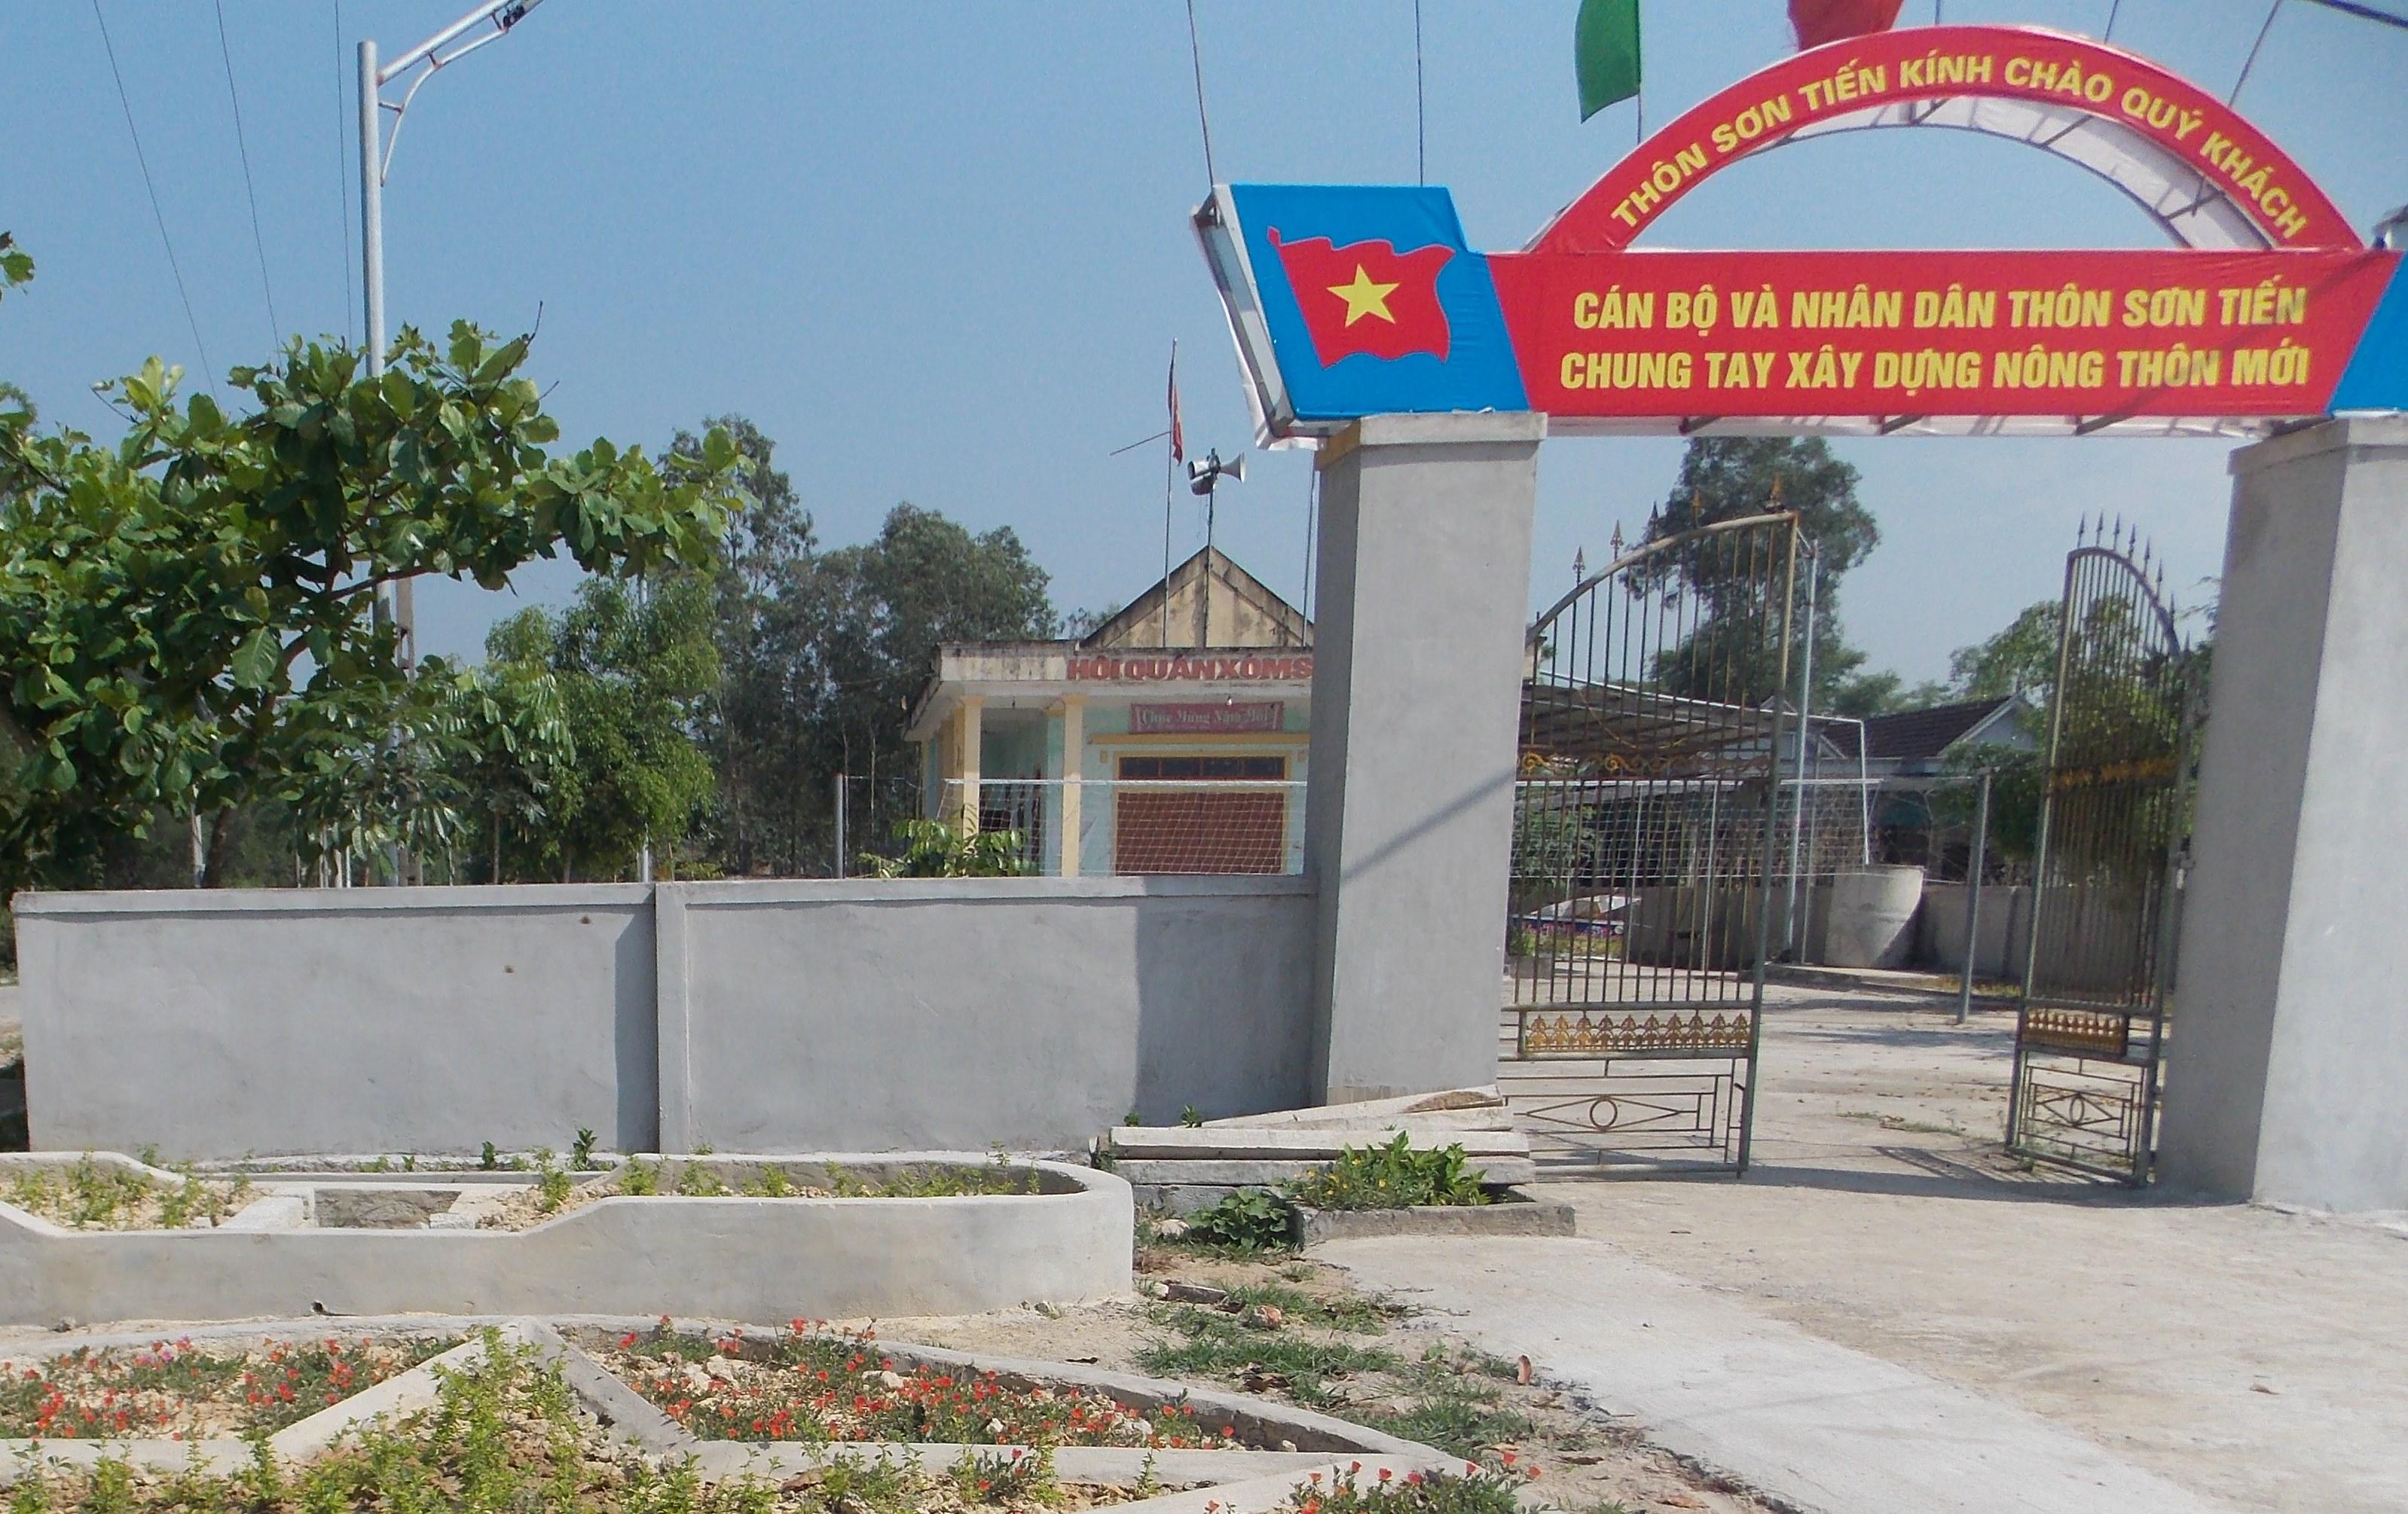 Khuôn viên Nhà văn hóa thôn Sơn Tiến